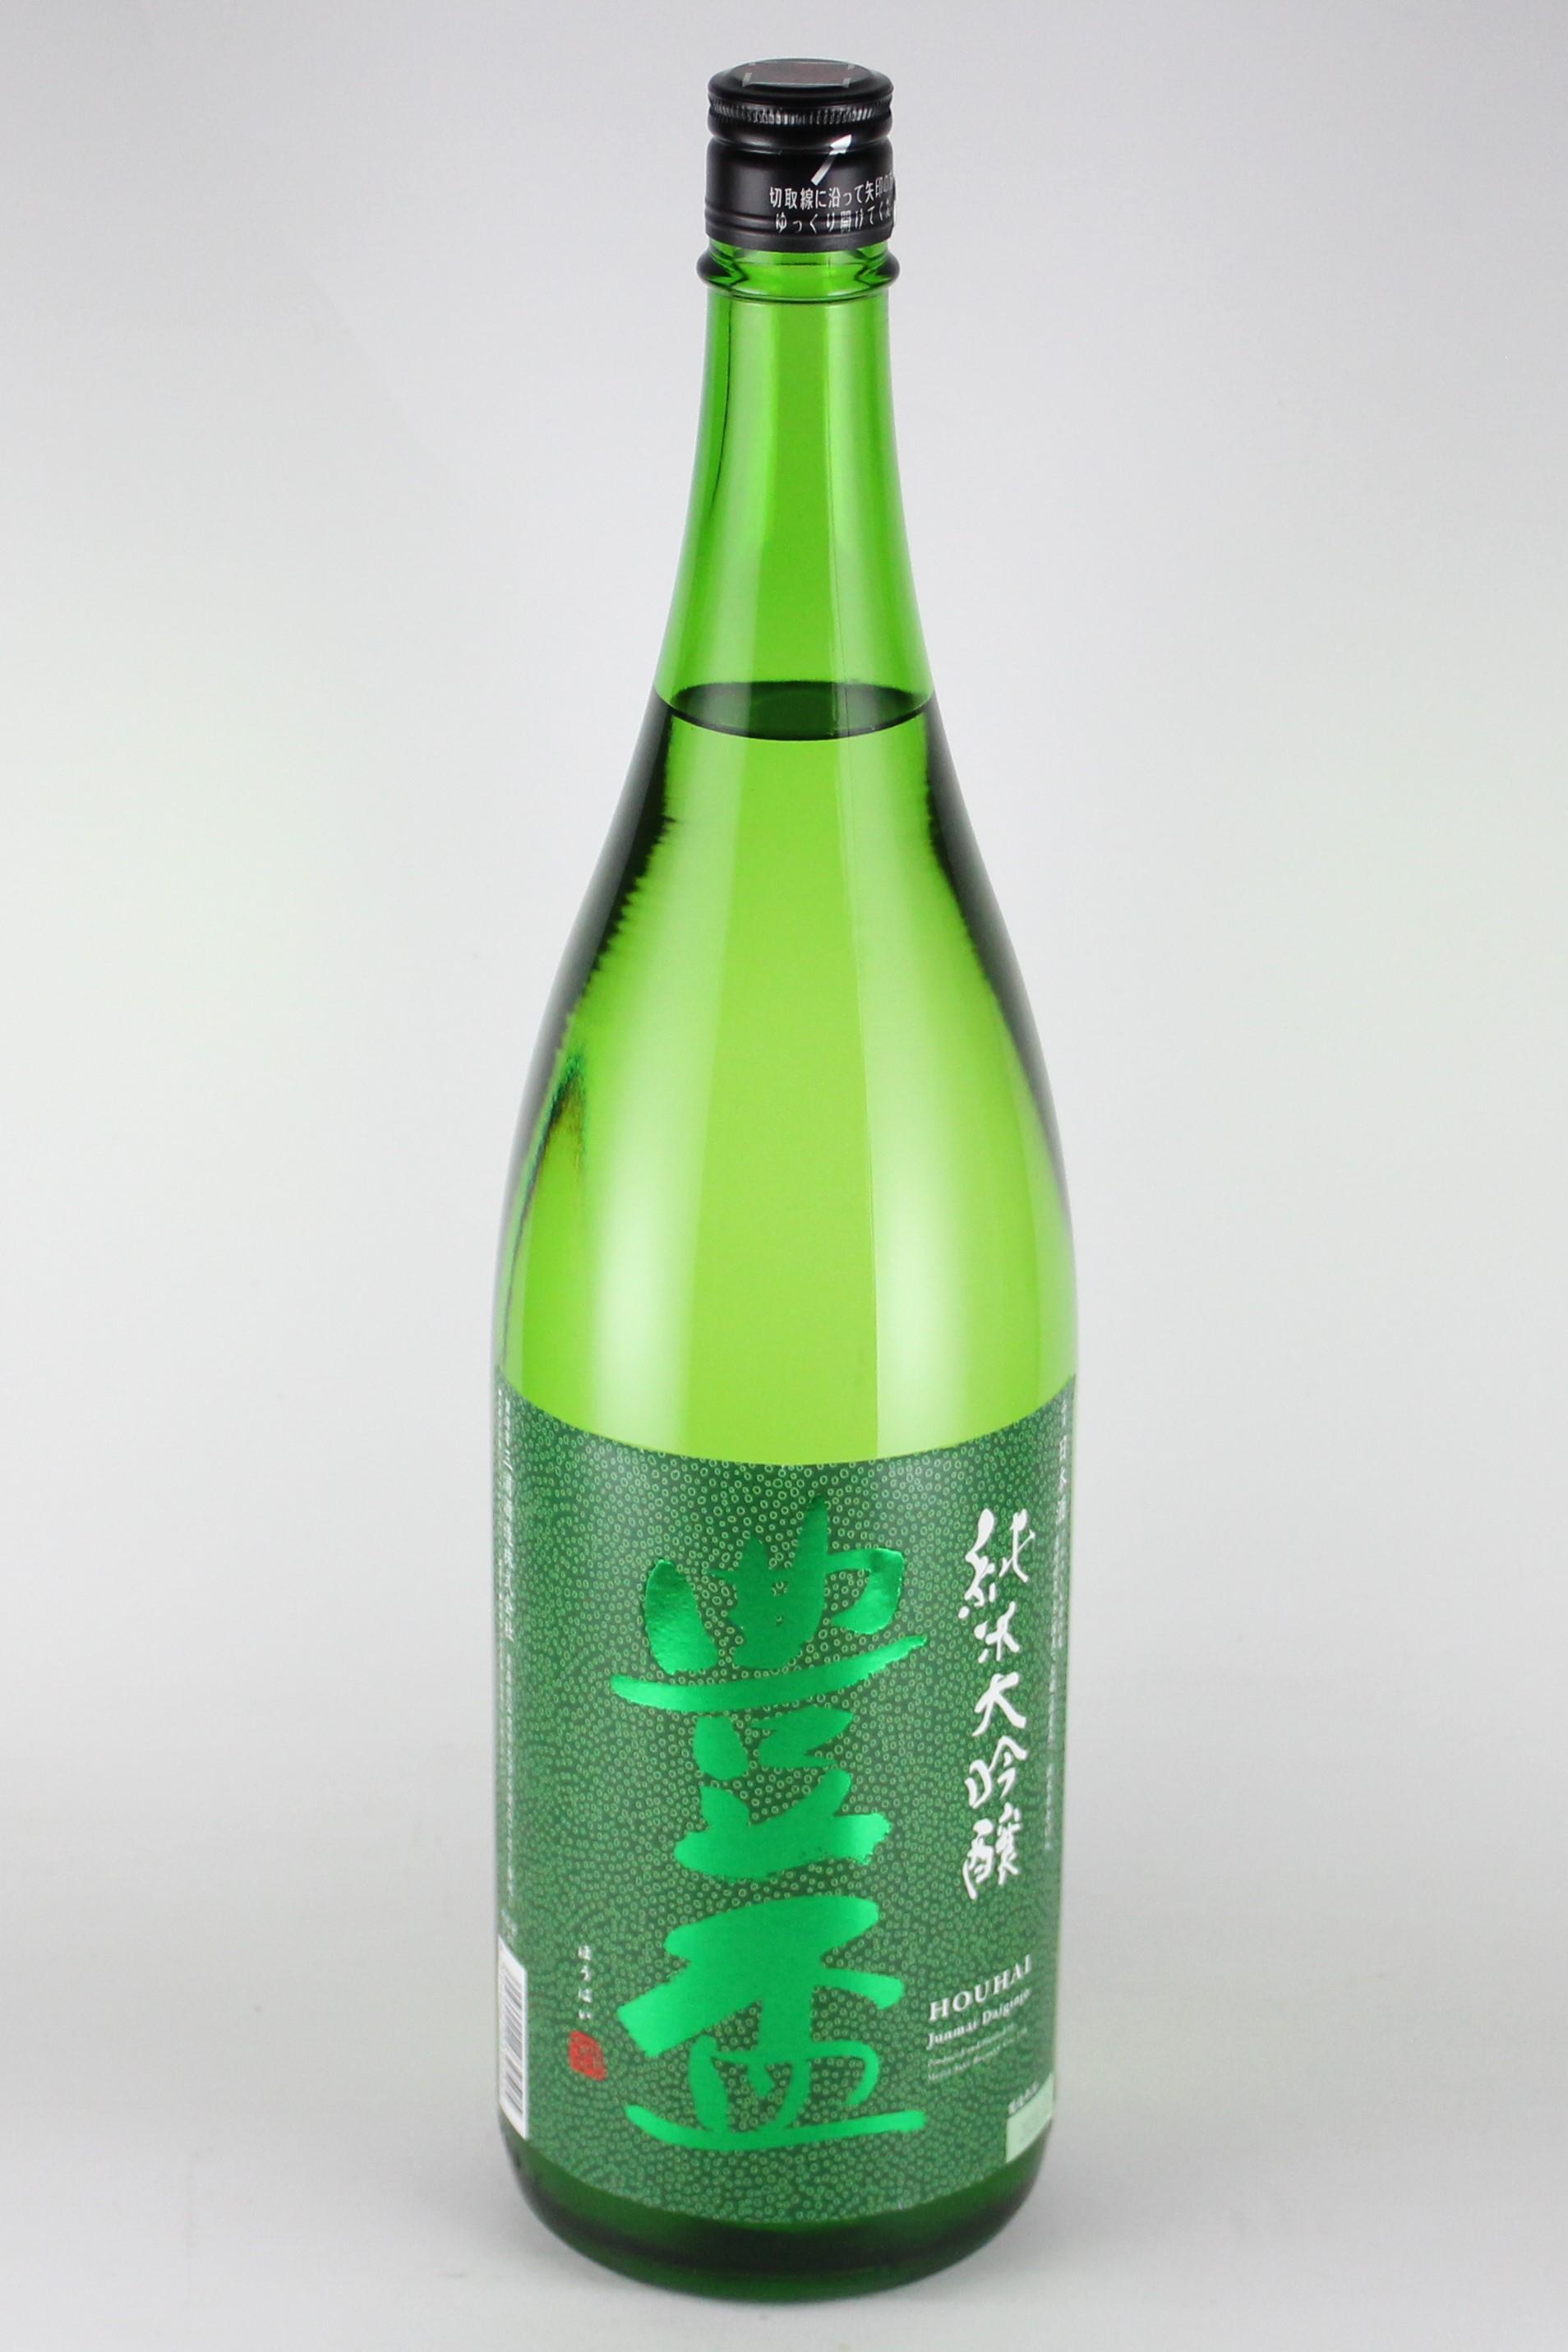 豊盃 緑ななこ塗 純米大吟醸 1800ml 【青森/三浦酒造】